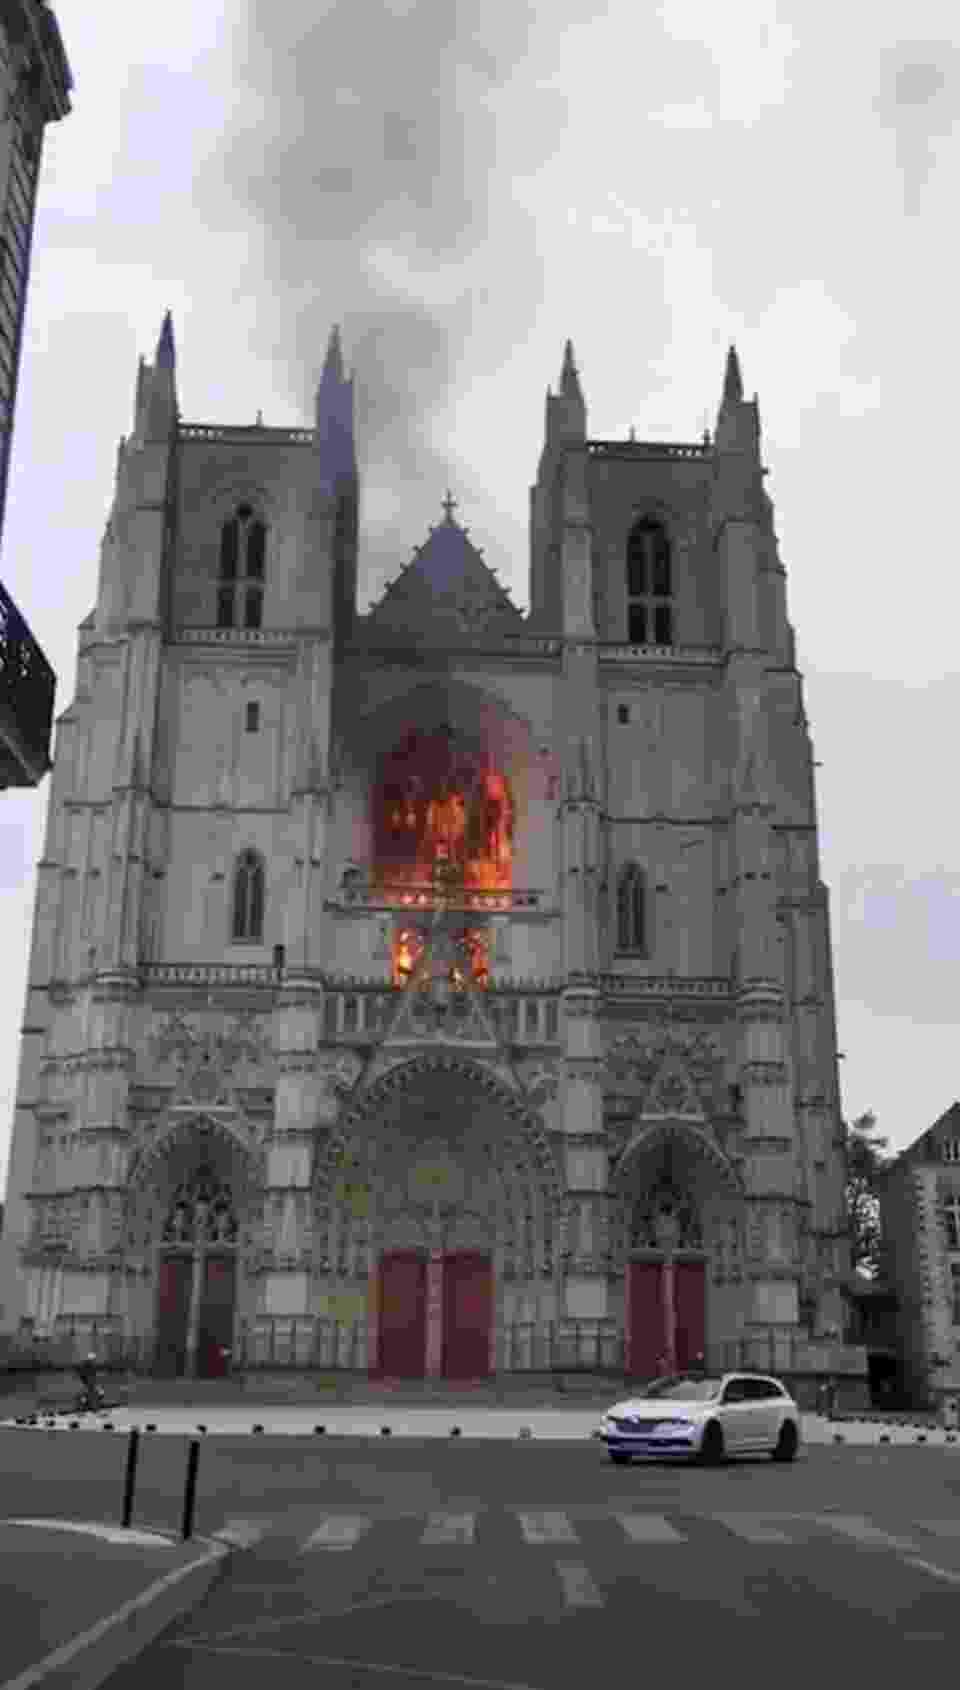 Incêndio foi controlado rapidamente, mas destruiu o grande órgão da catedral - Ludovic Stang/via REUTERS